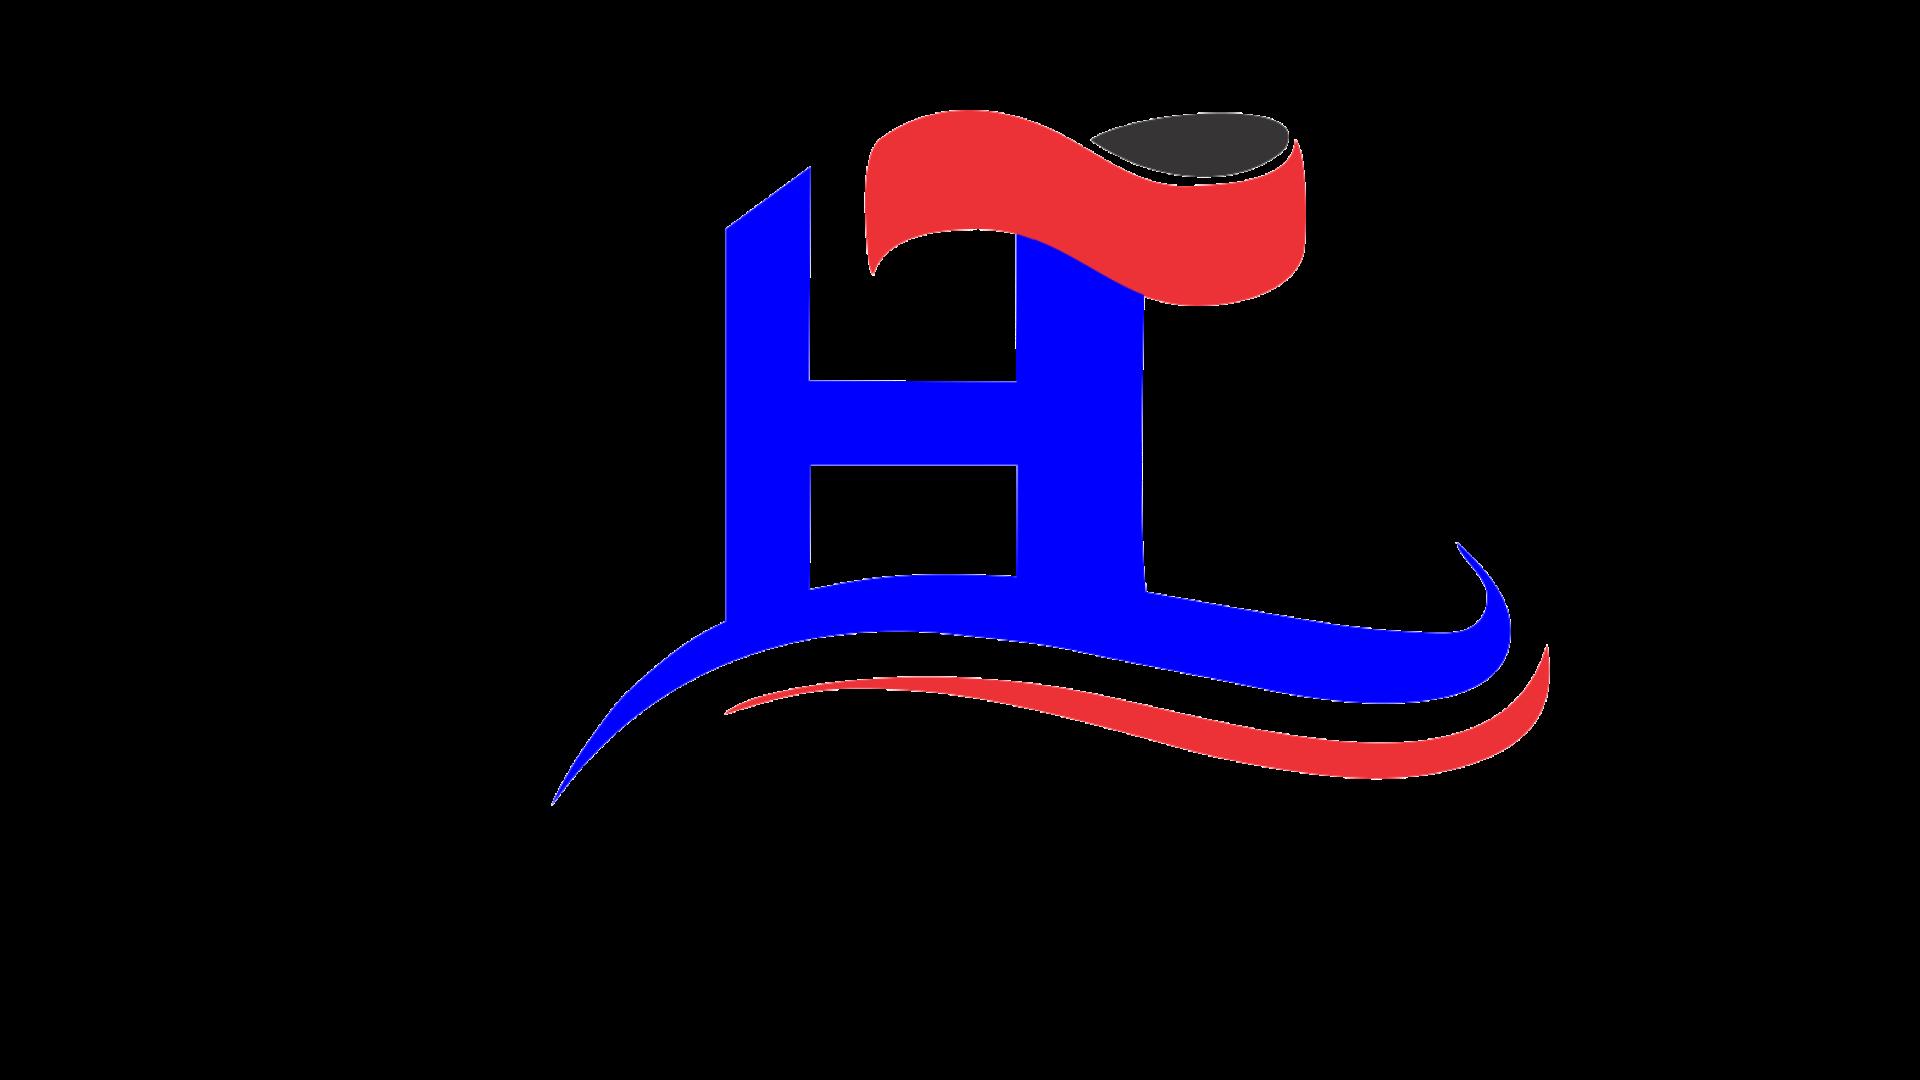 herritech ventures